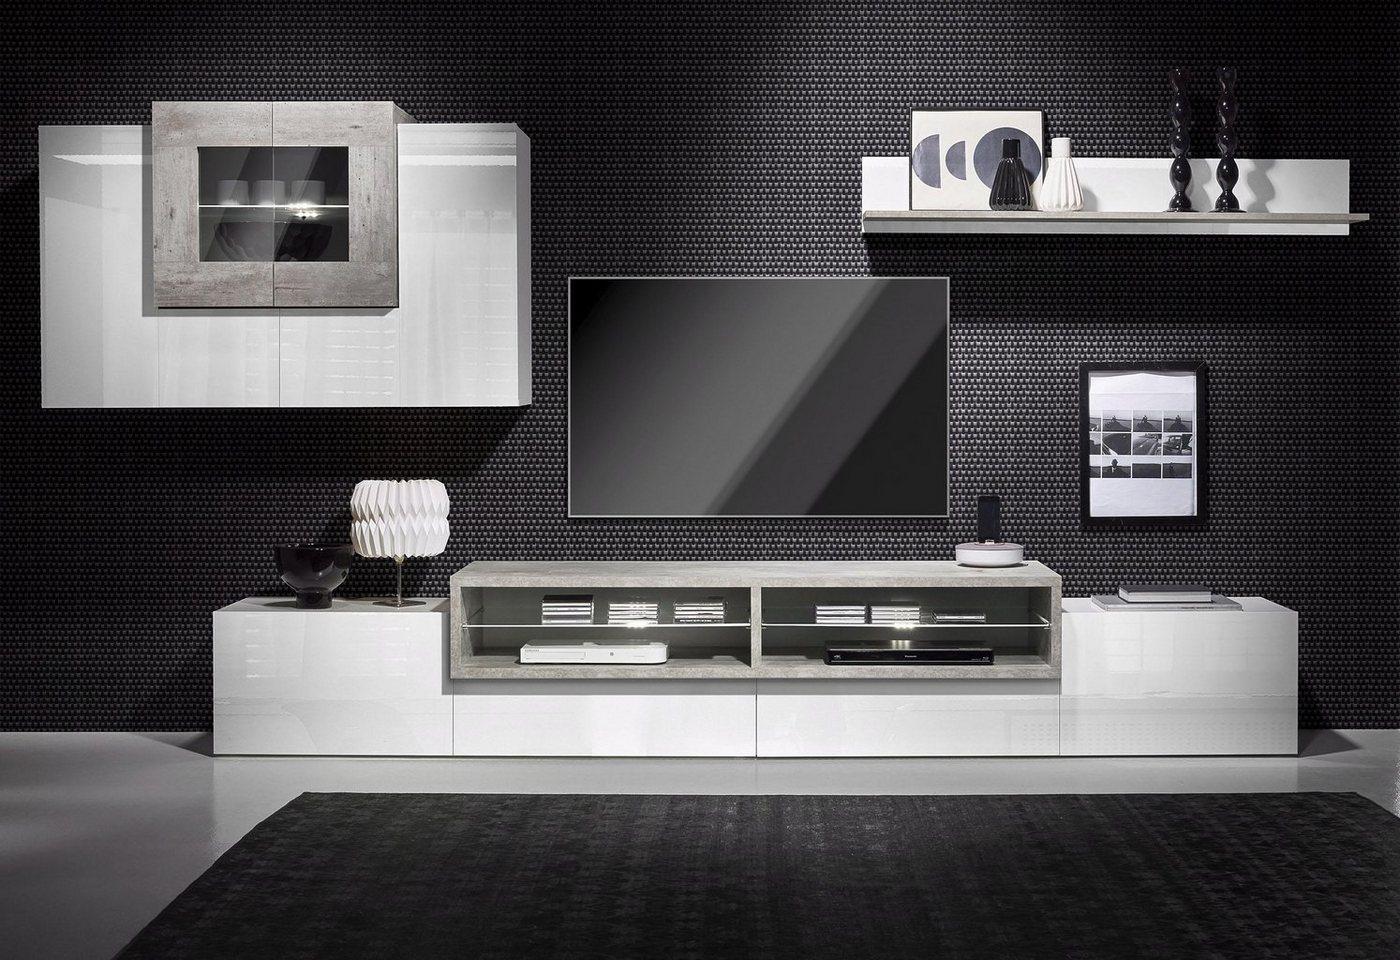 kreuzwortr tsel nummer 3391 kostenlos online l sen. Black Bedroom Furniture Sets. Home Design Ideas